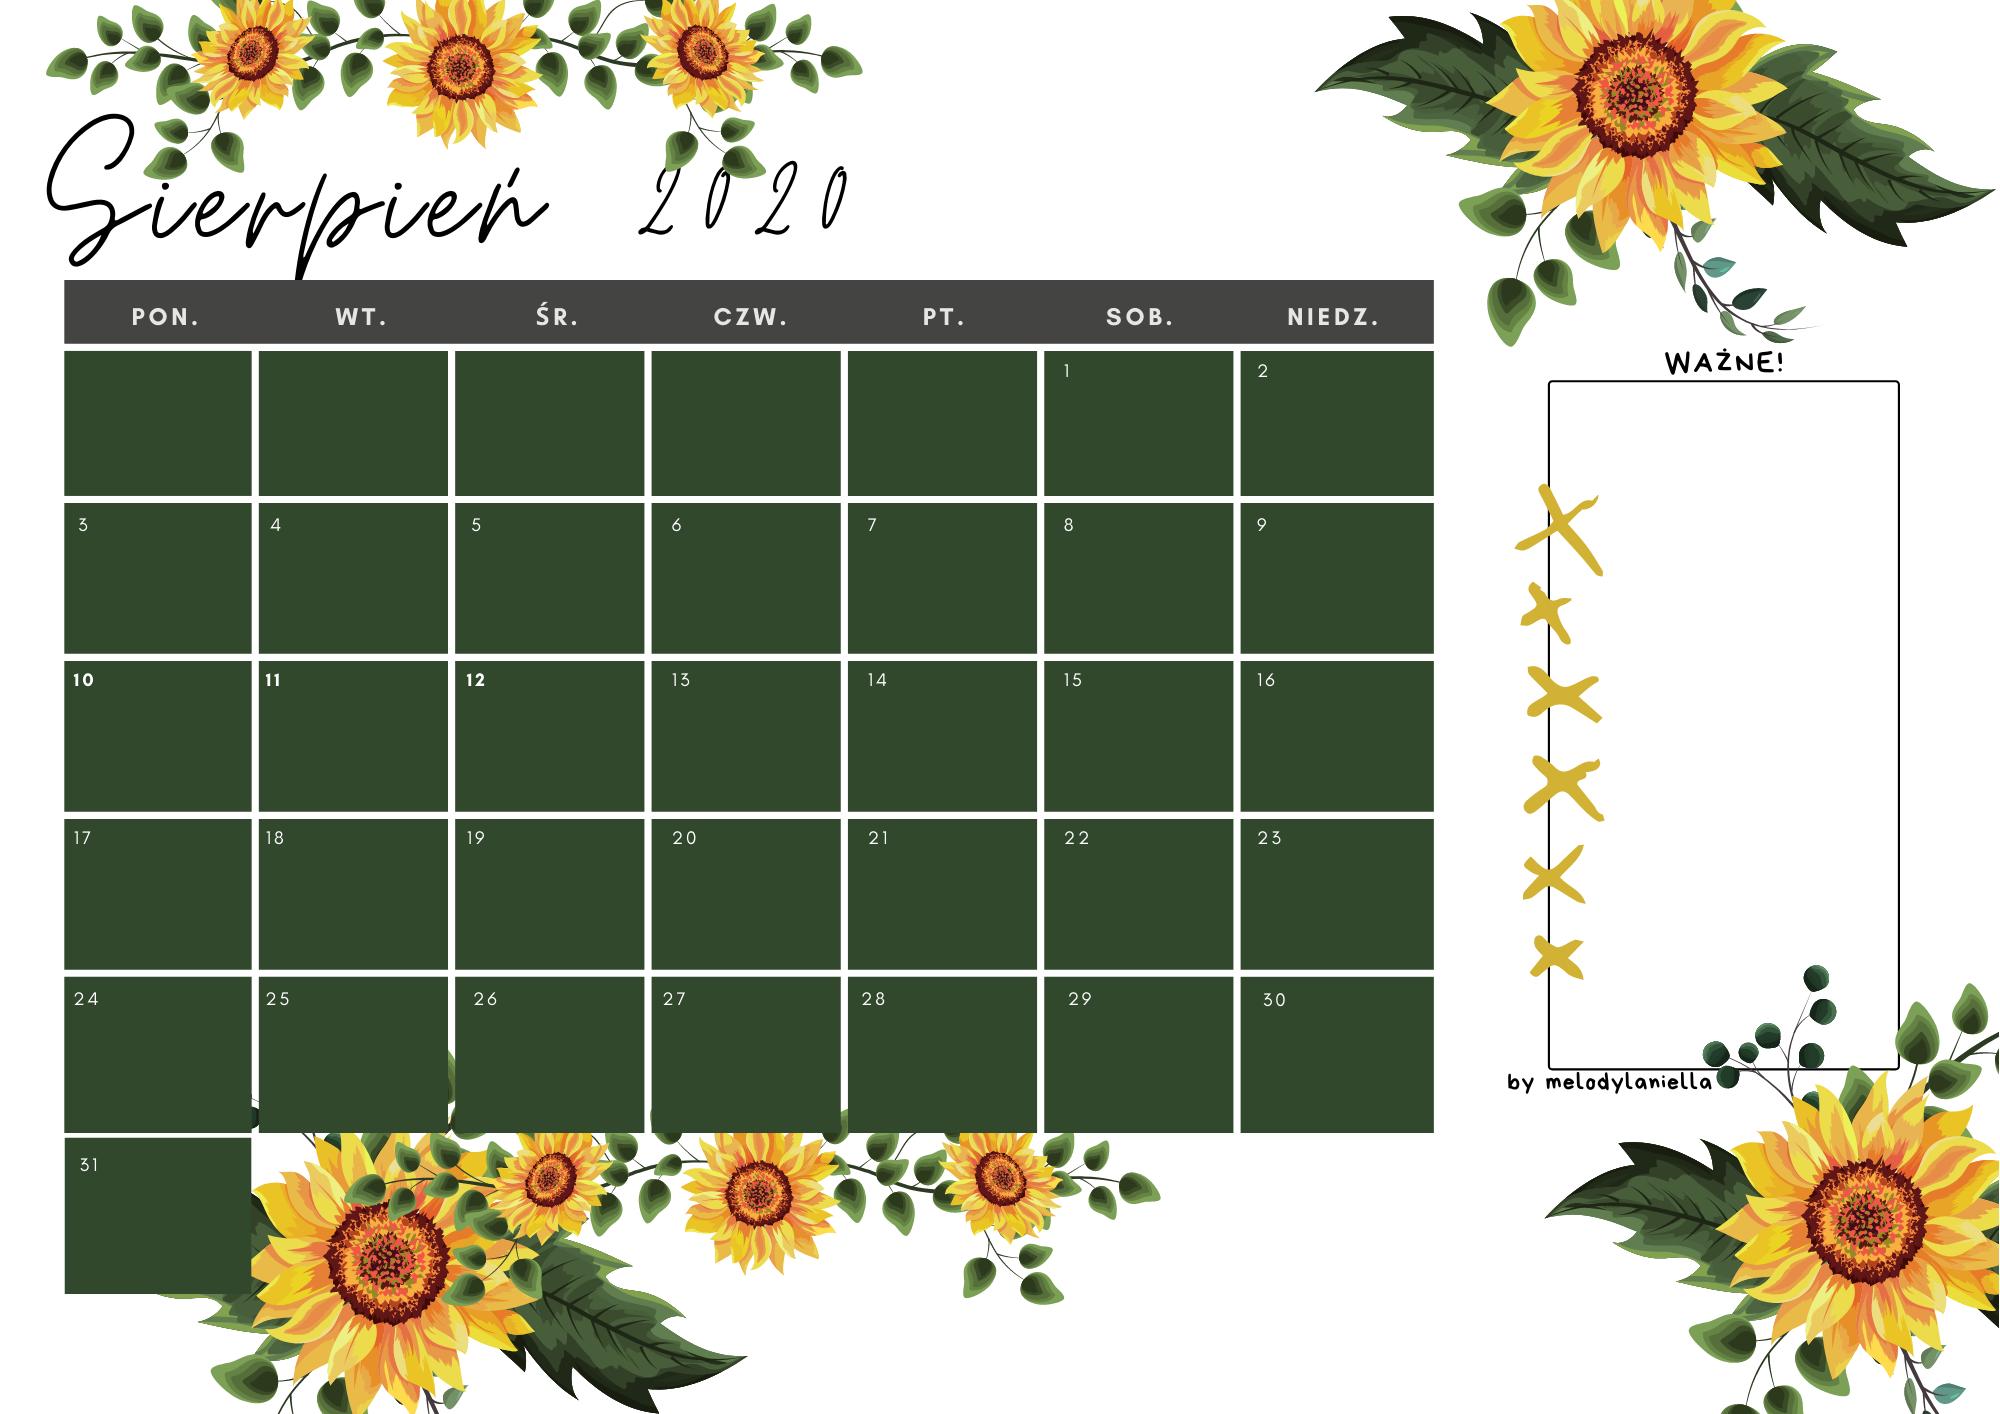 kalendarz sierpień 2020 do druku z liskiem pomarańczowy we wzorki do wydruku pdf darmowy blog graficzny a4